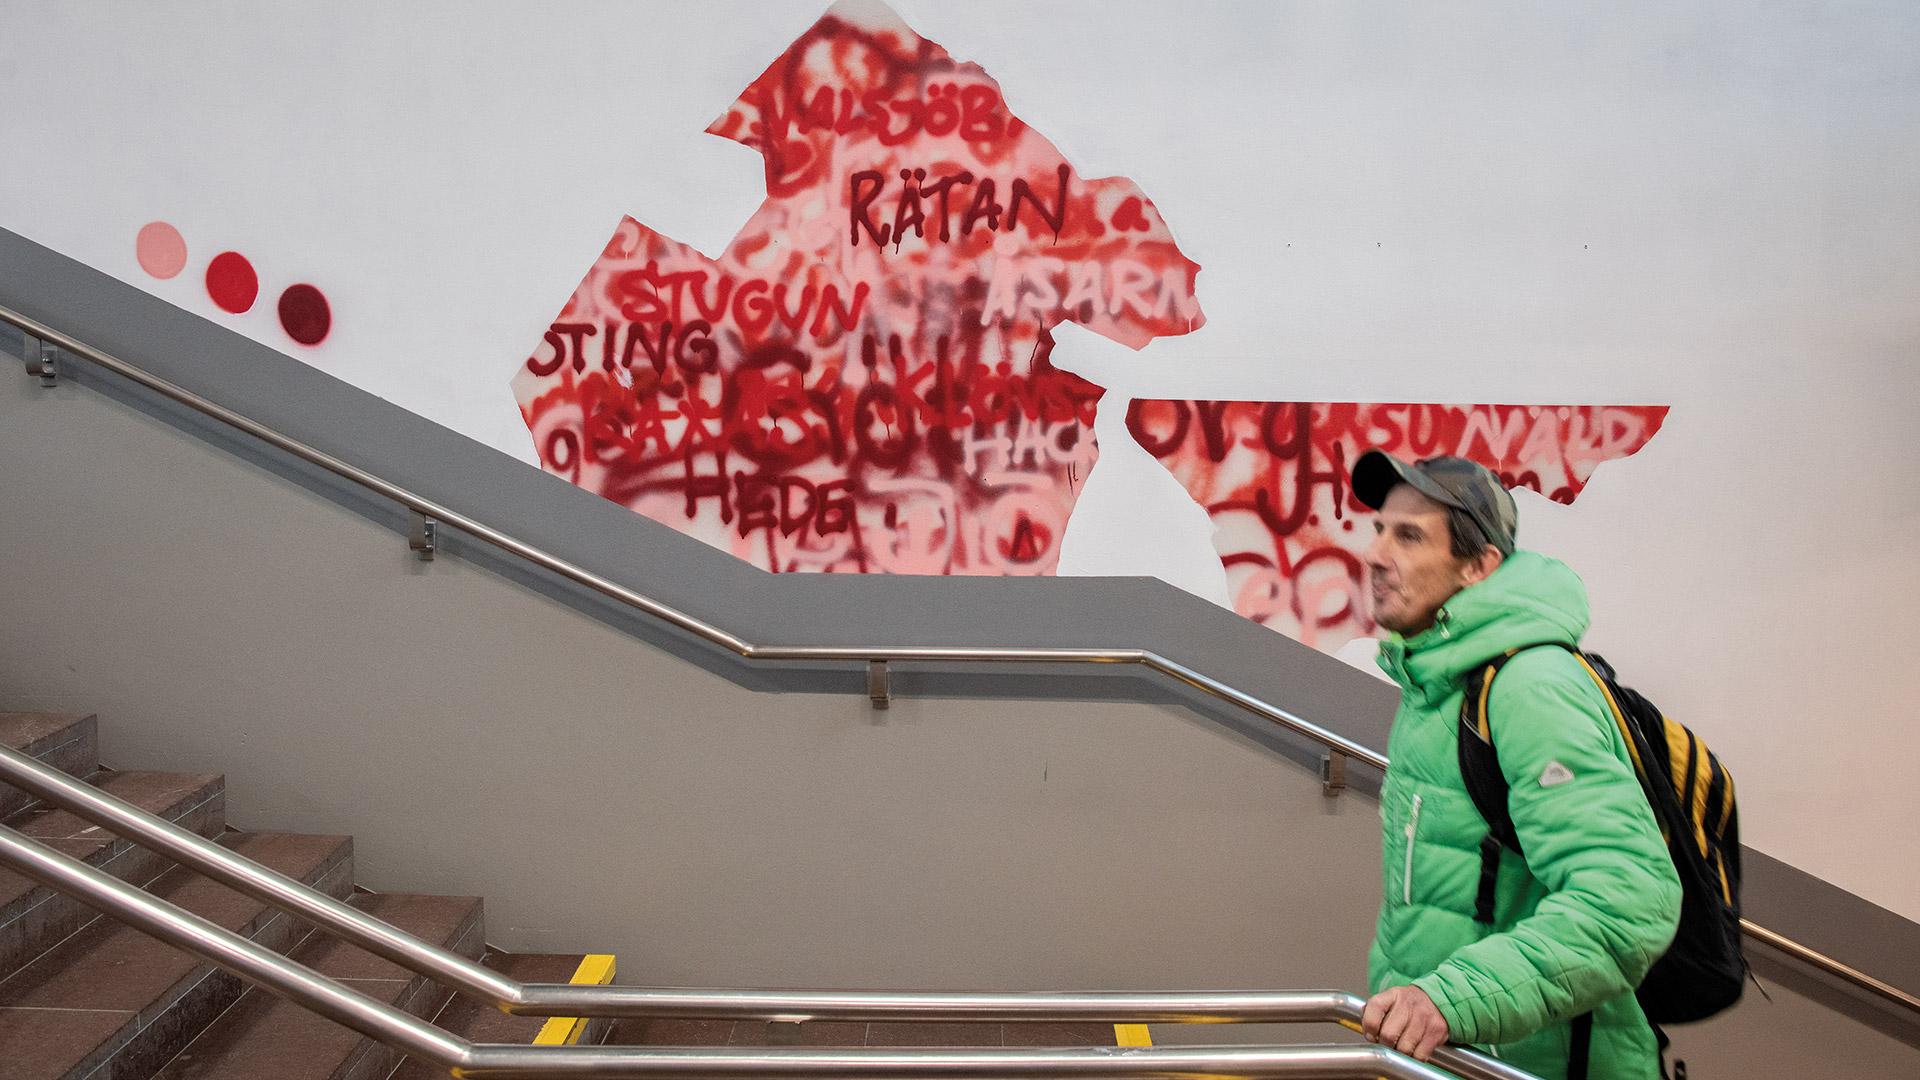 Väggmålning i en trappa